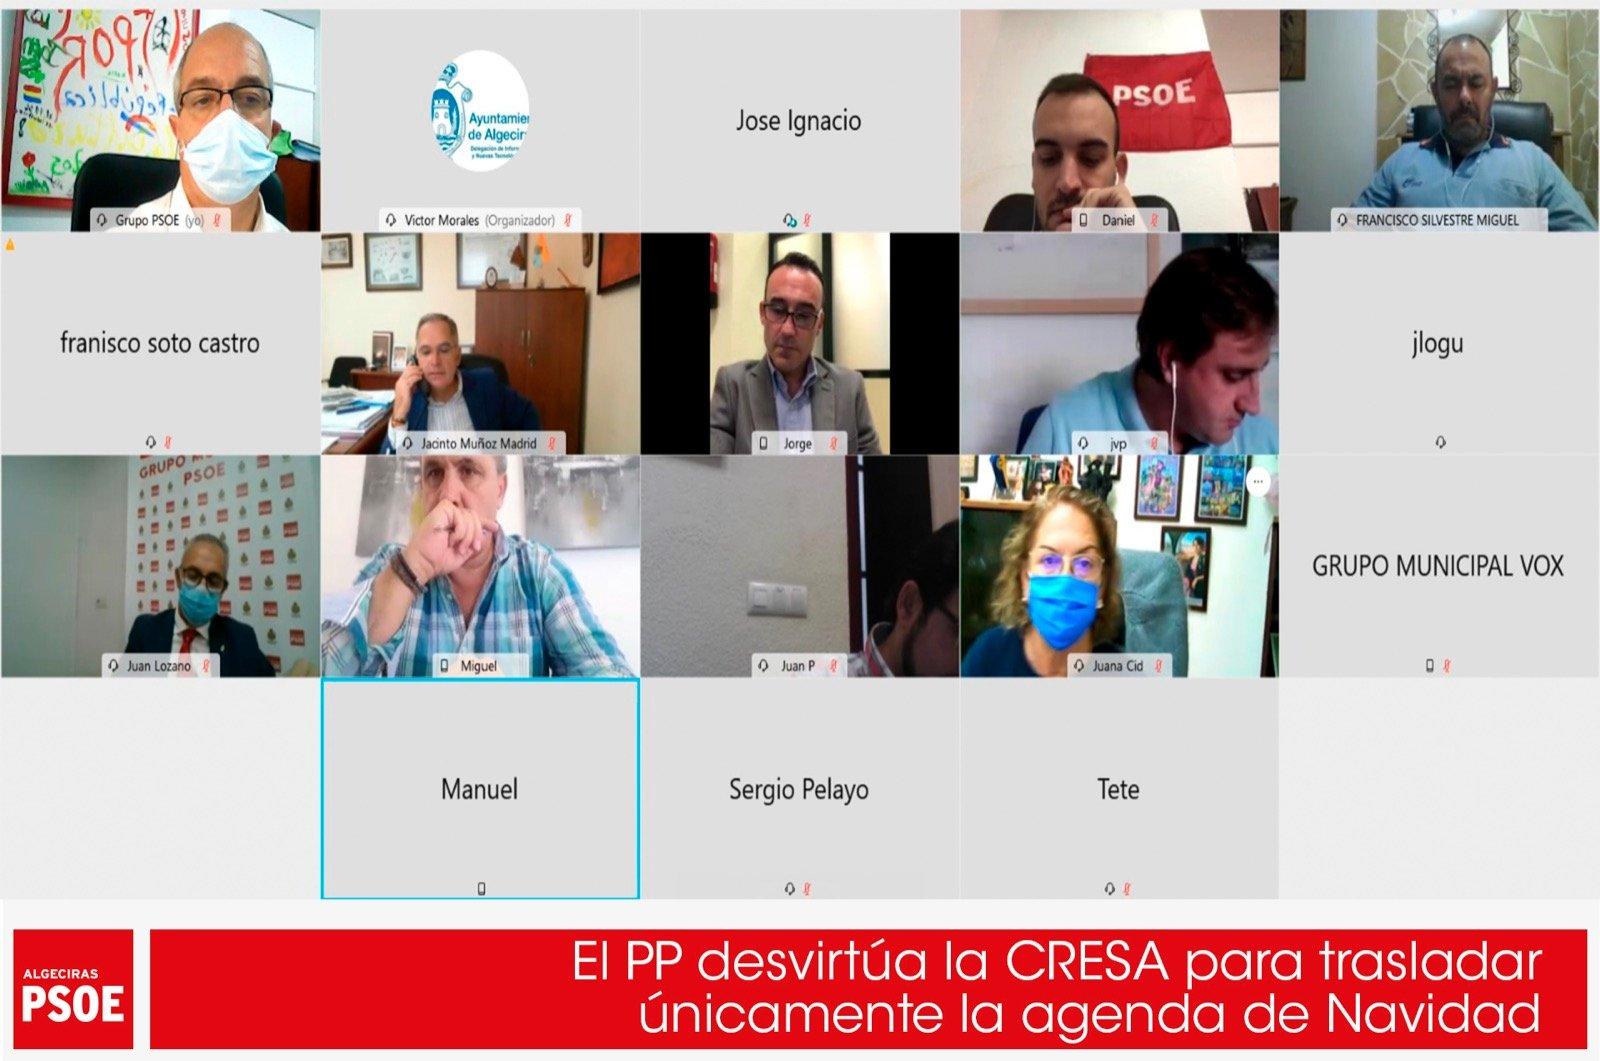 El PP desvirtúa la CRESA para trasladar únicamente la agenda de Navidad